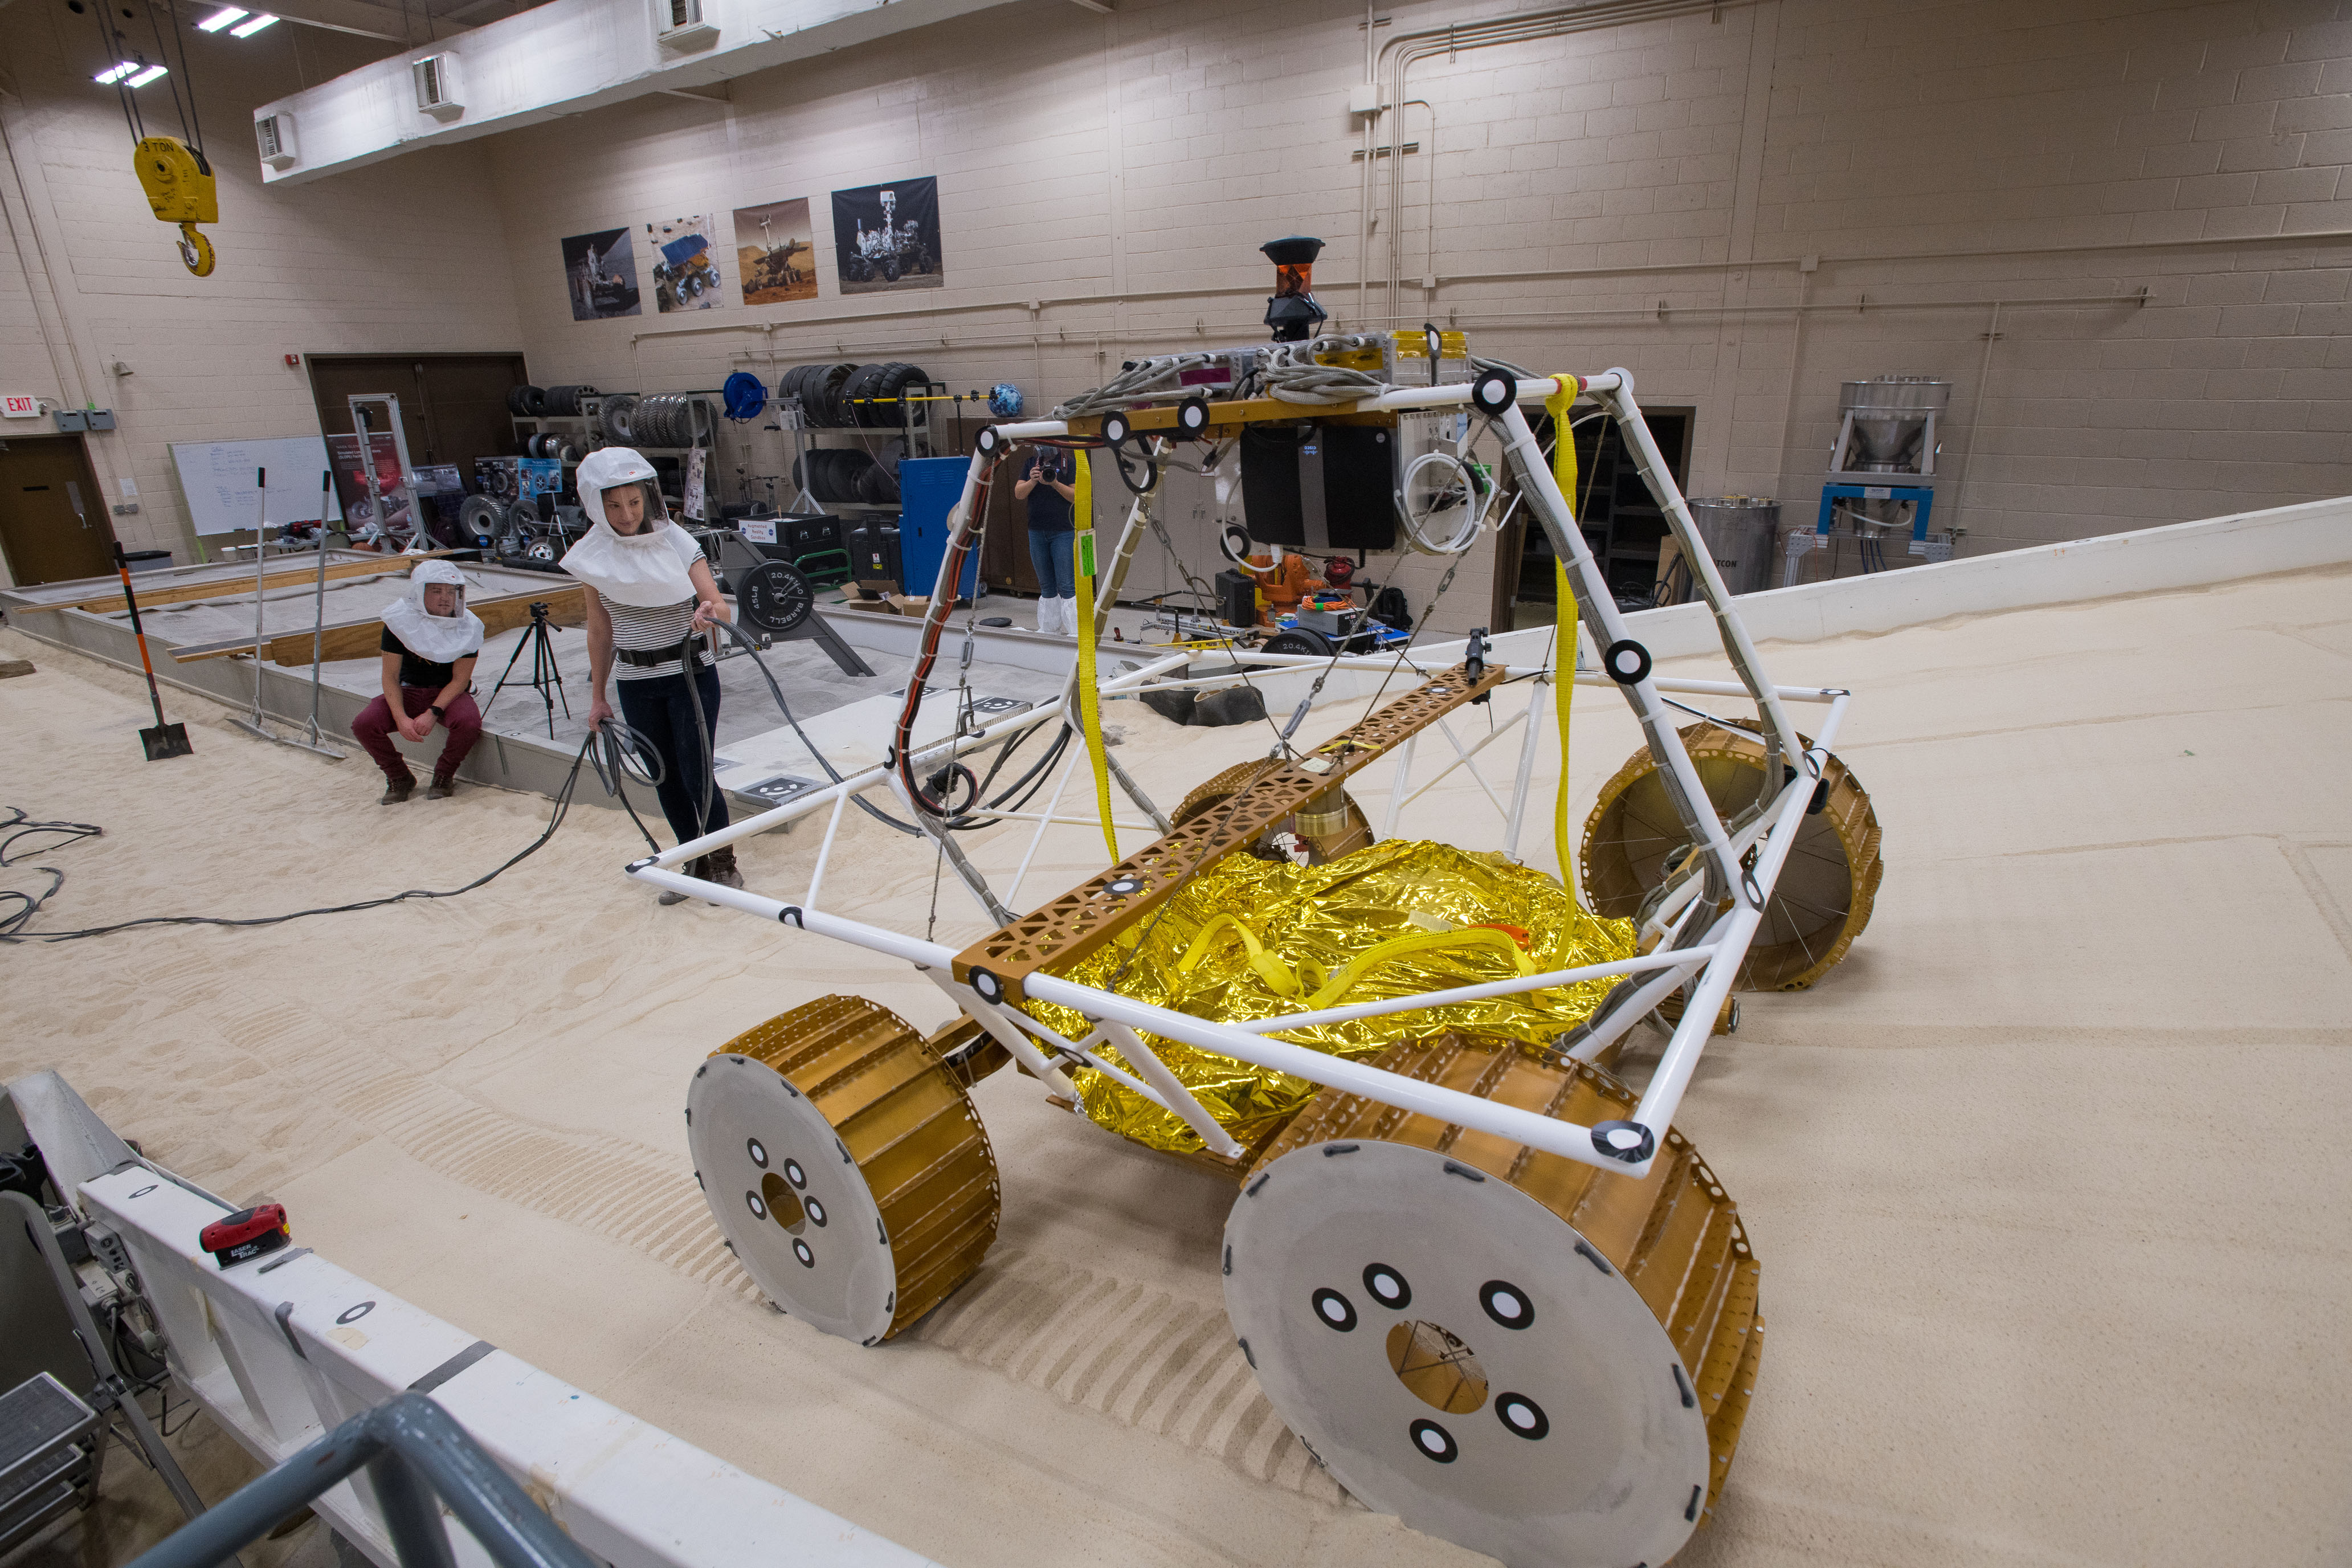 VIPER, le rover lunaire chercheur d'eau (2023) Grc-2019-c-09932